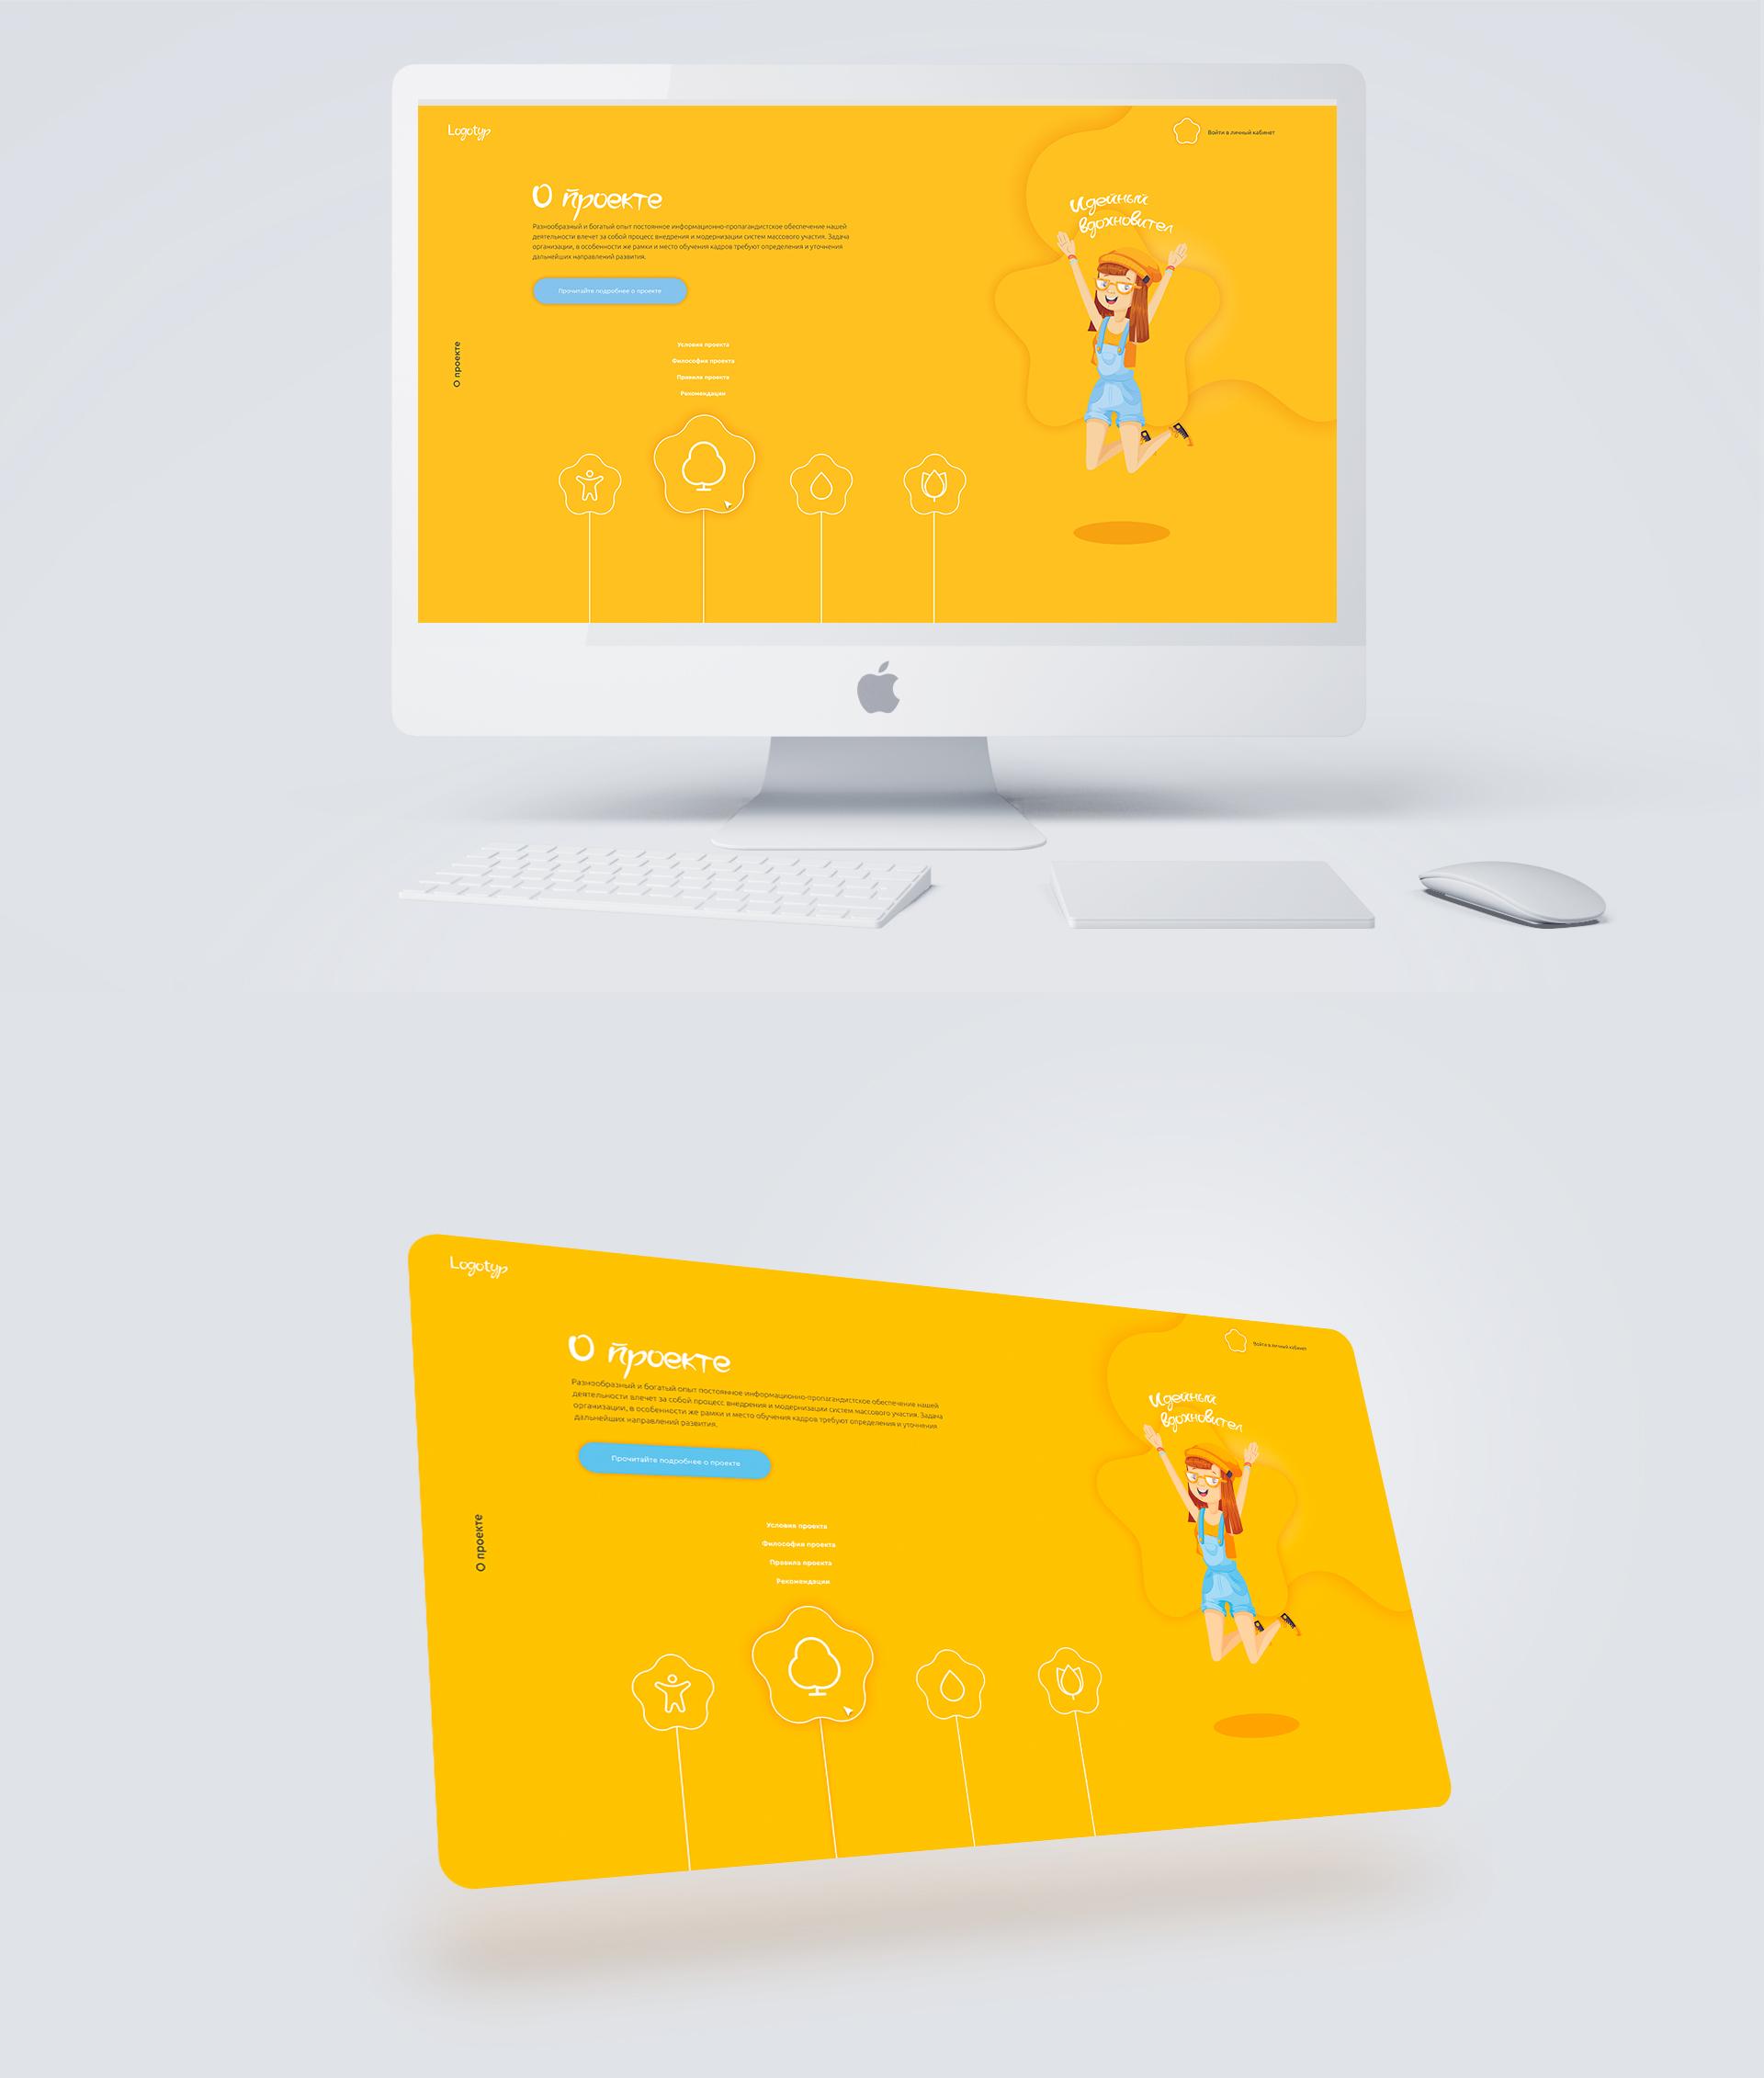 Креативный дизайн внутренней страницы портала для детей фото f_9015cfcb23d826cc.jpg